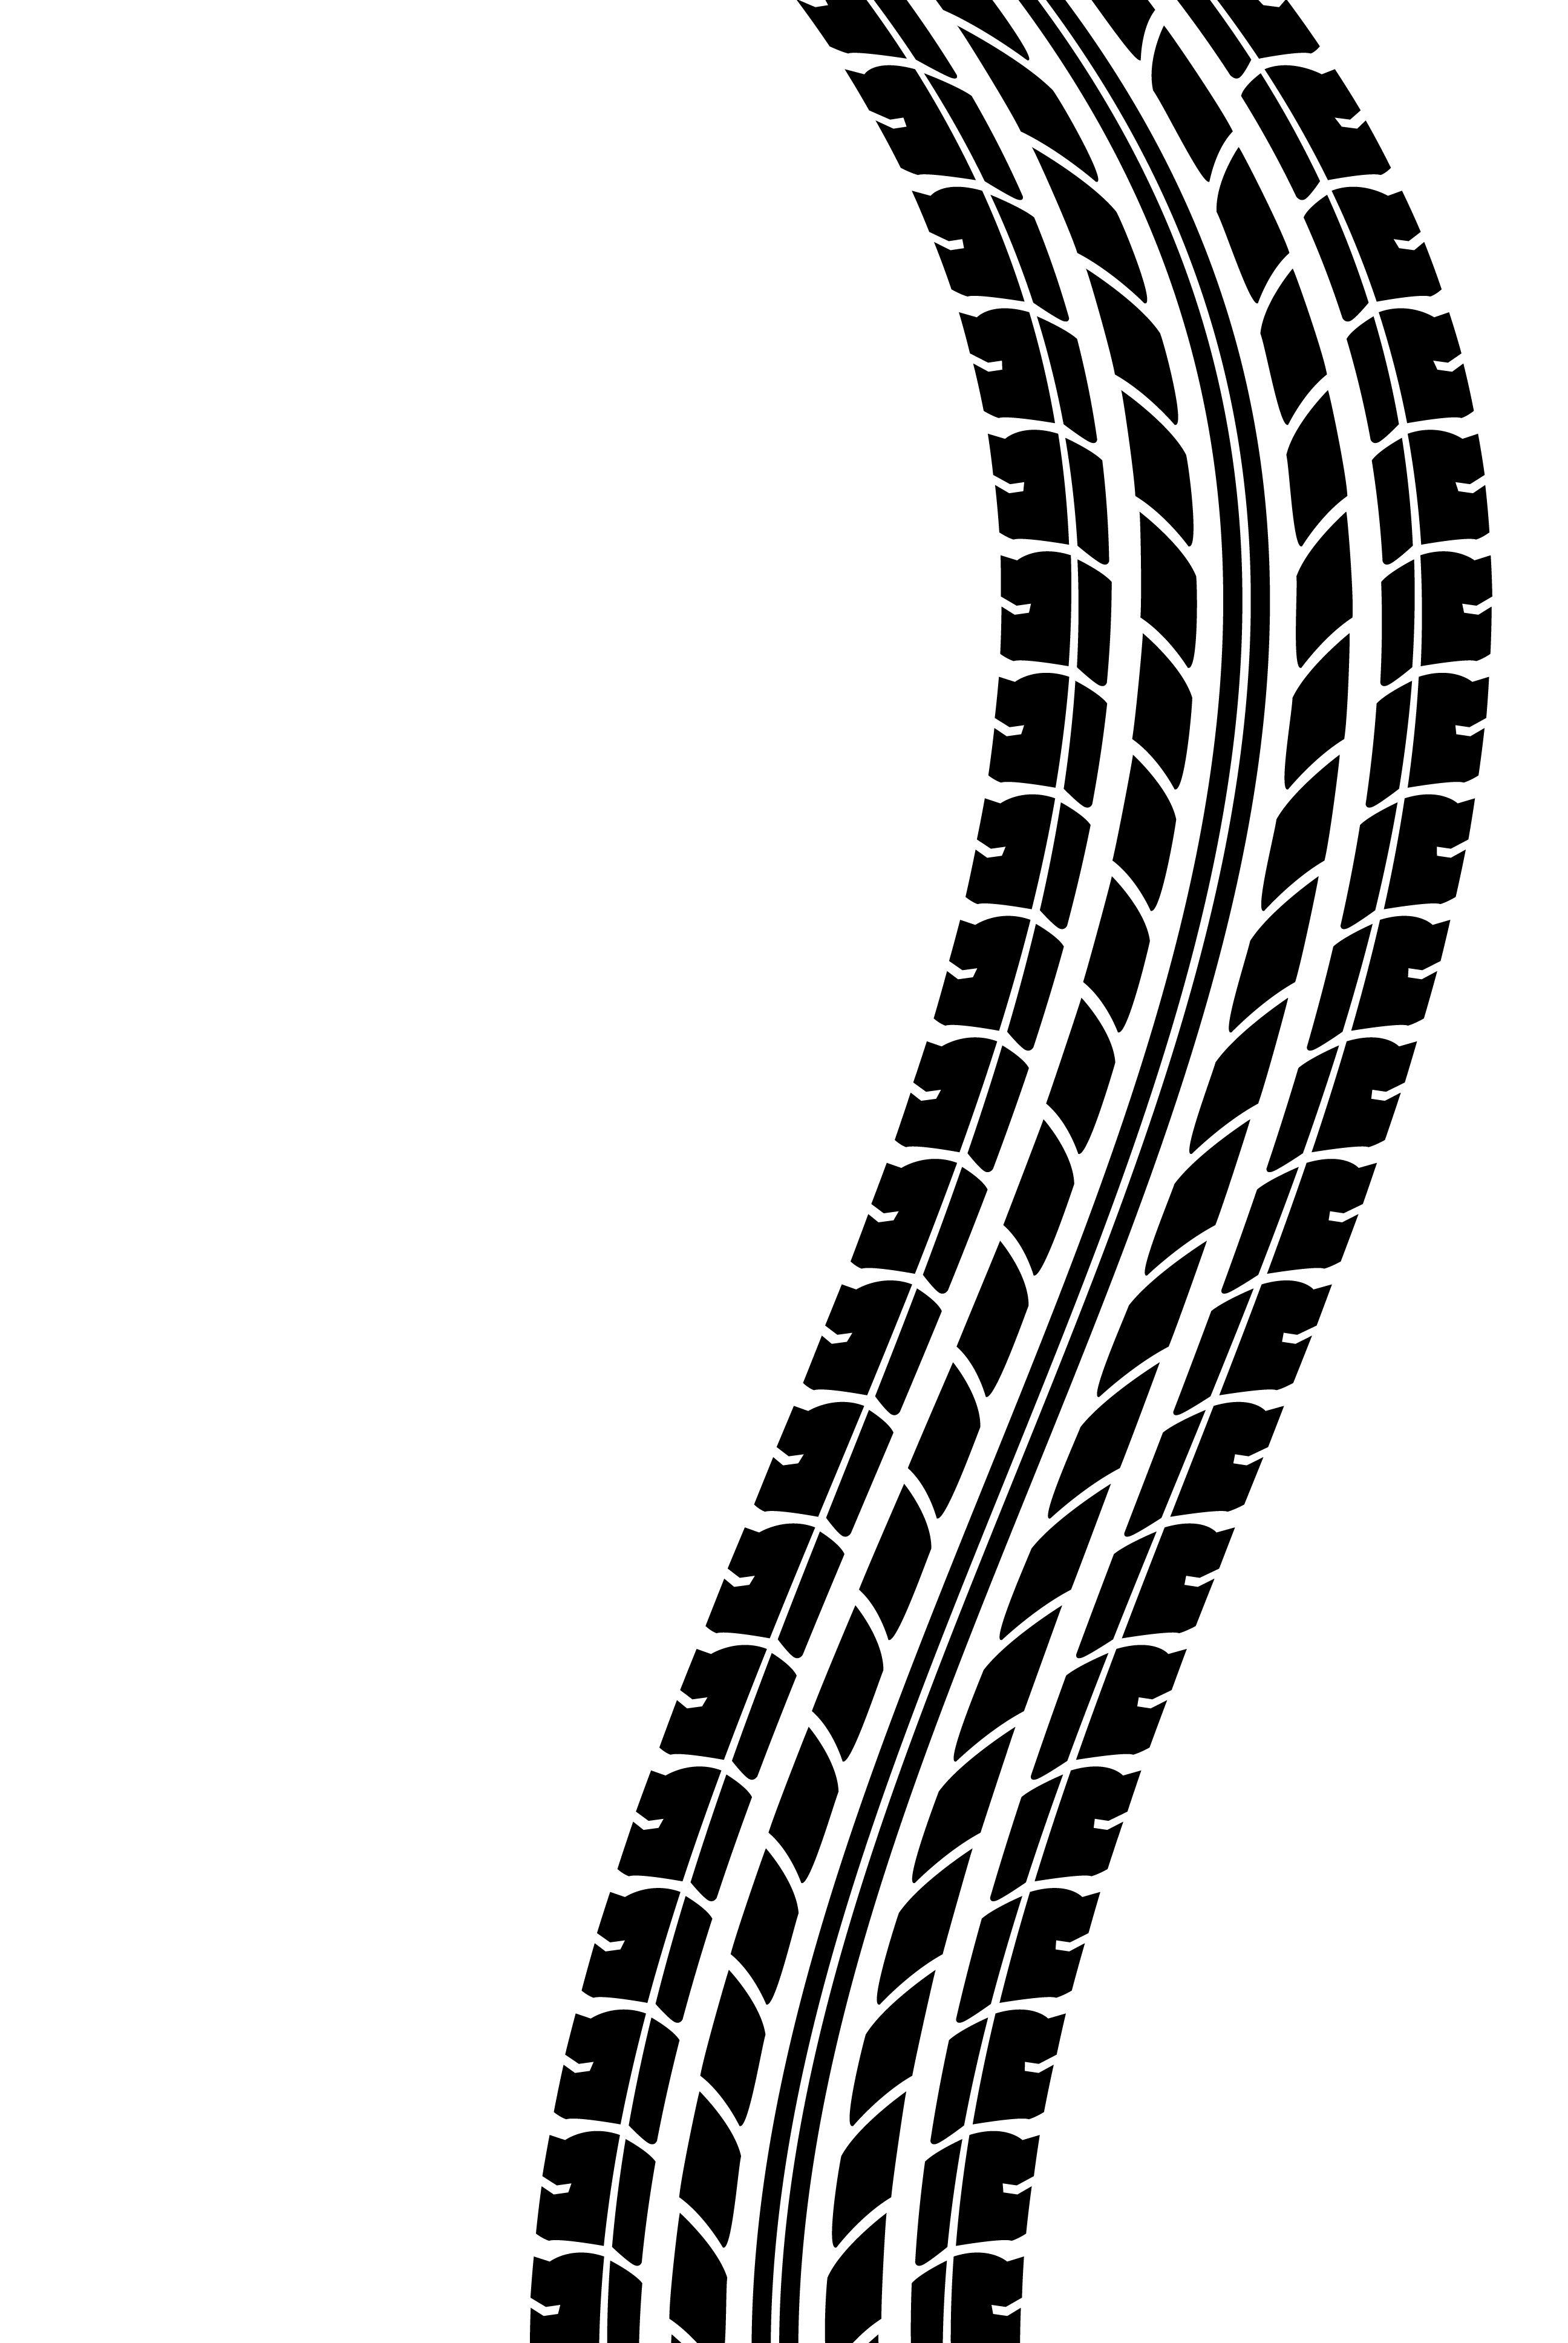 2592x3872 Resultado De Imagen Para Motorcycle Tire Track Vector Papichulo